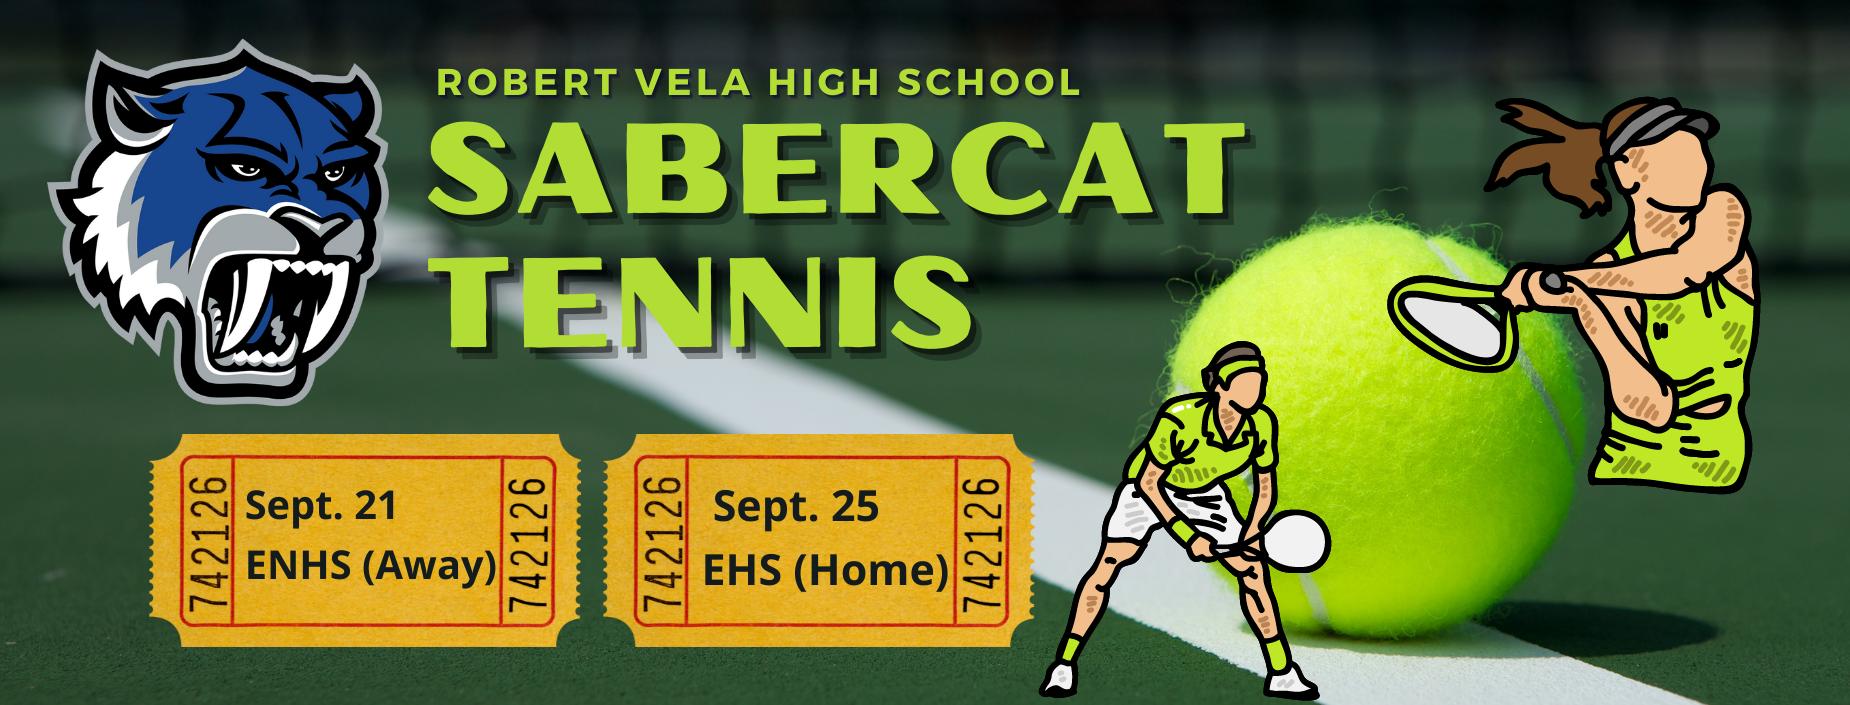 SaberCat Tennis Week